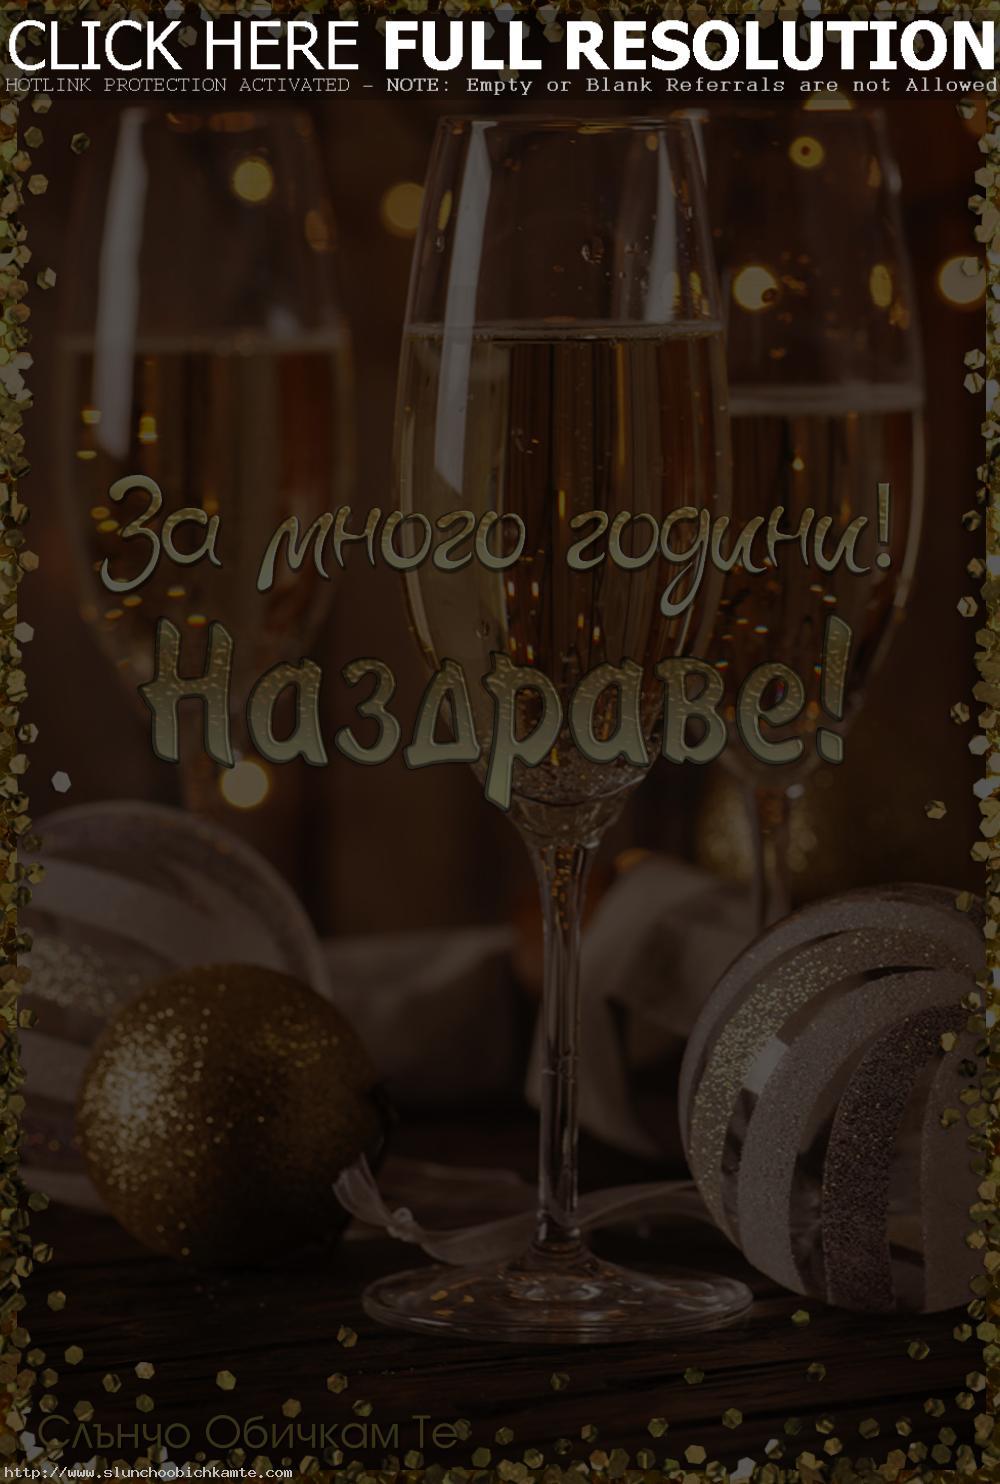 За много години Наздраве - картички за нова година, честита нова 2021 година, шампанско и златна рамка, нова година 2021